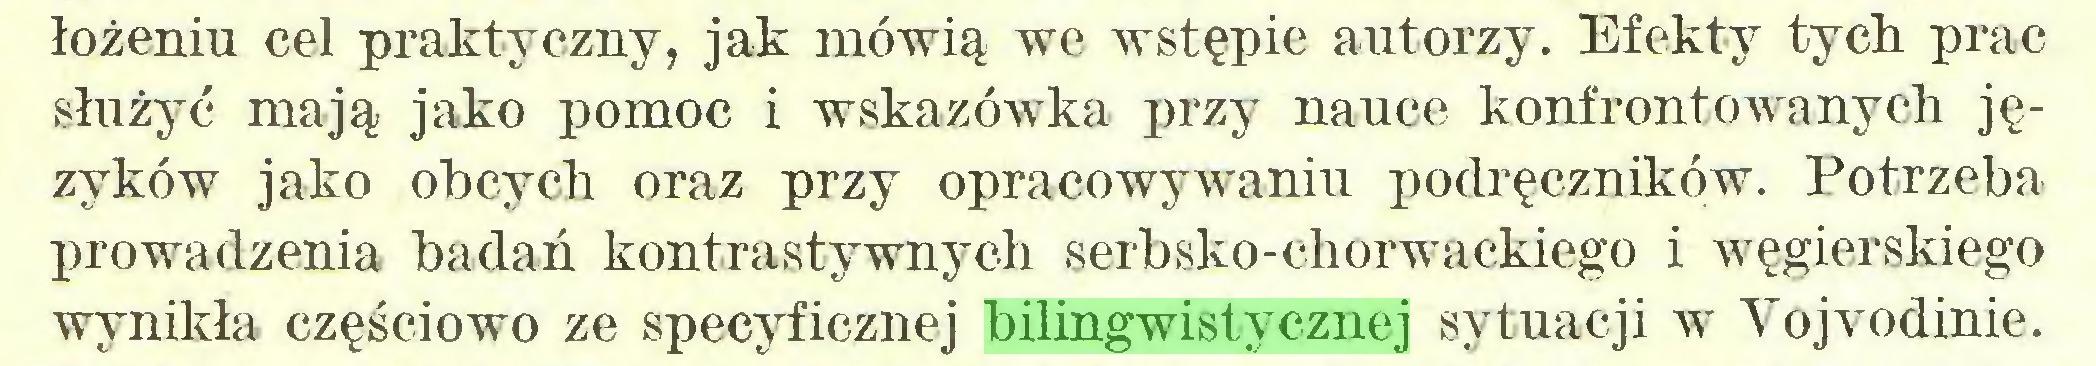 (...) łożeniu cel praktyczny, jak mówią we wstępie autorzy. Efekty tych prac służyć mają jako pomoc i wskazówka przy nauce konfrontowanych języków jako obcych oraz przy opracowywaniu podręczników. Potrzeba prowadzenia badań kontrastywnych serbsko-chorwackiego i węgierskiego wynikła częściowo ze specyficznej bilingwistycznej sytuacji w Vojvodinie...